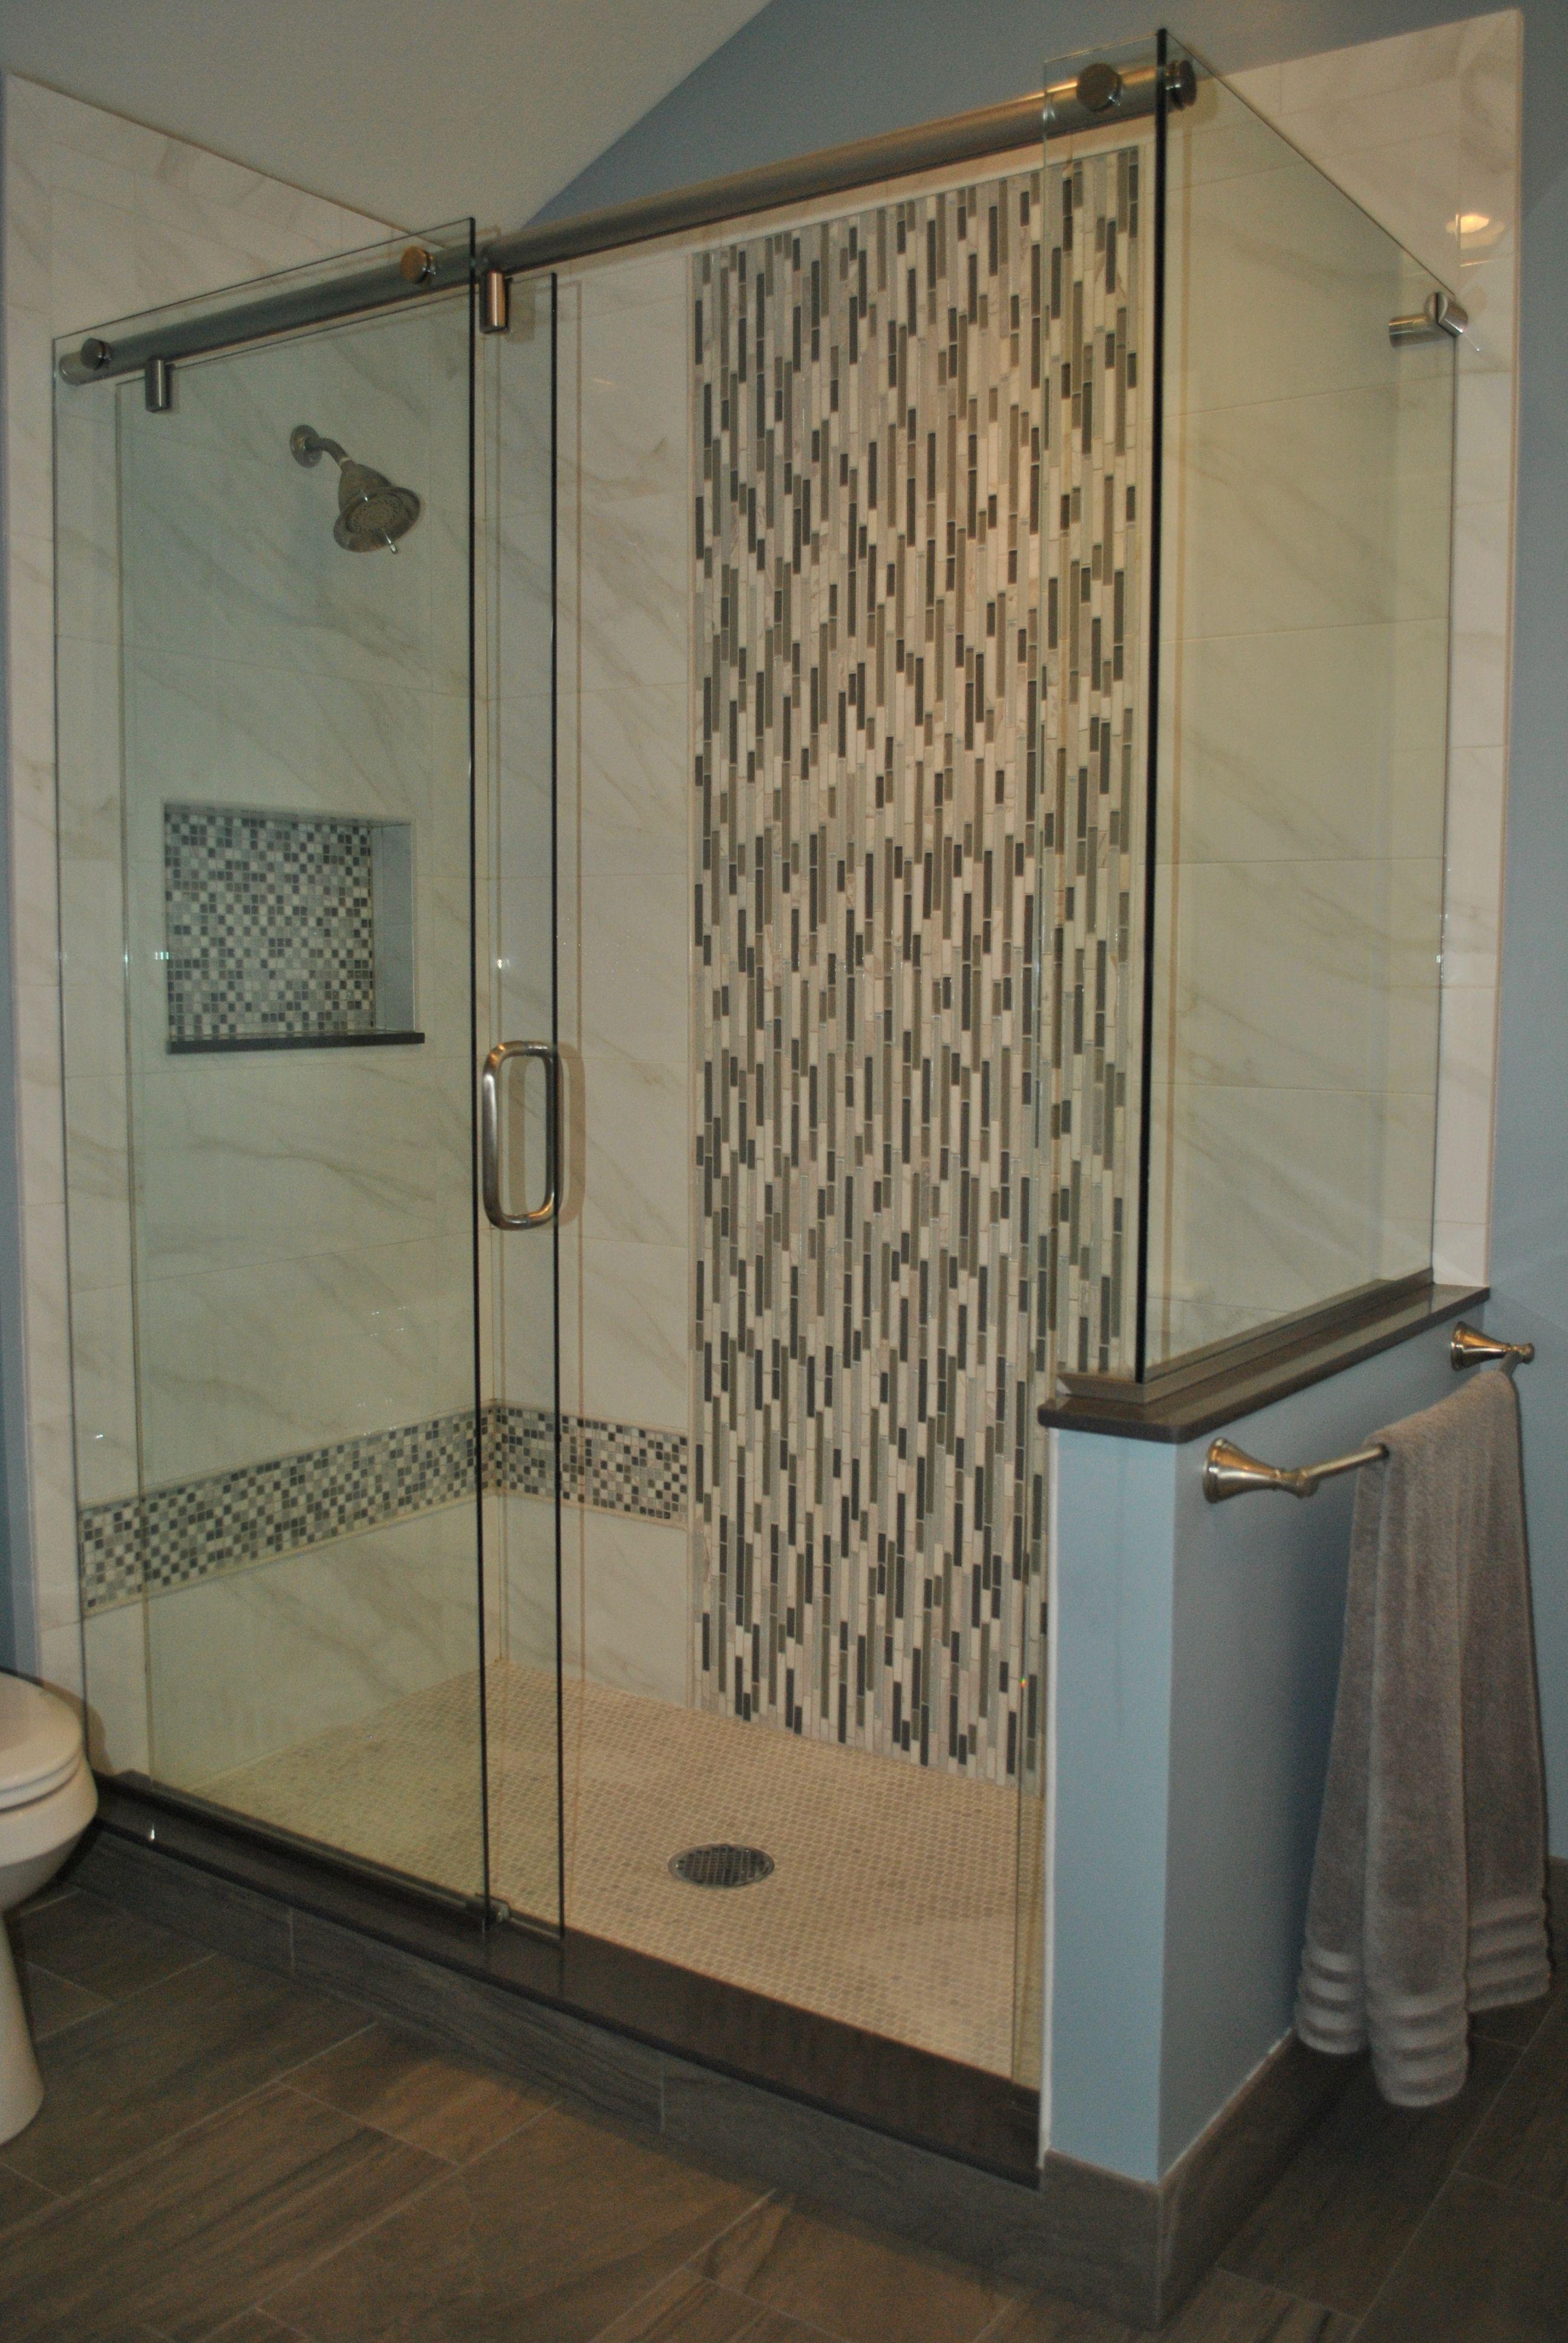 Dreamline Shdr 3234721 89 French Linea Toulon Frameless Shower Door 34 In X